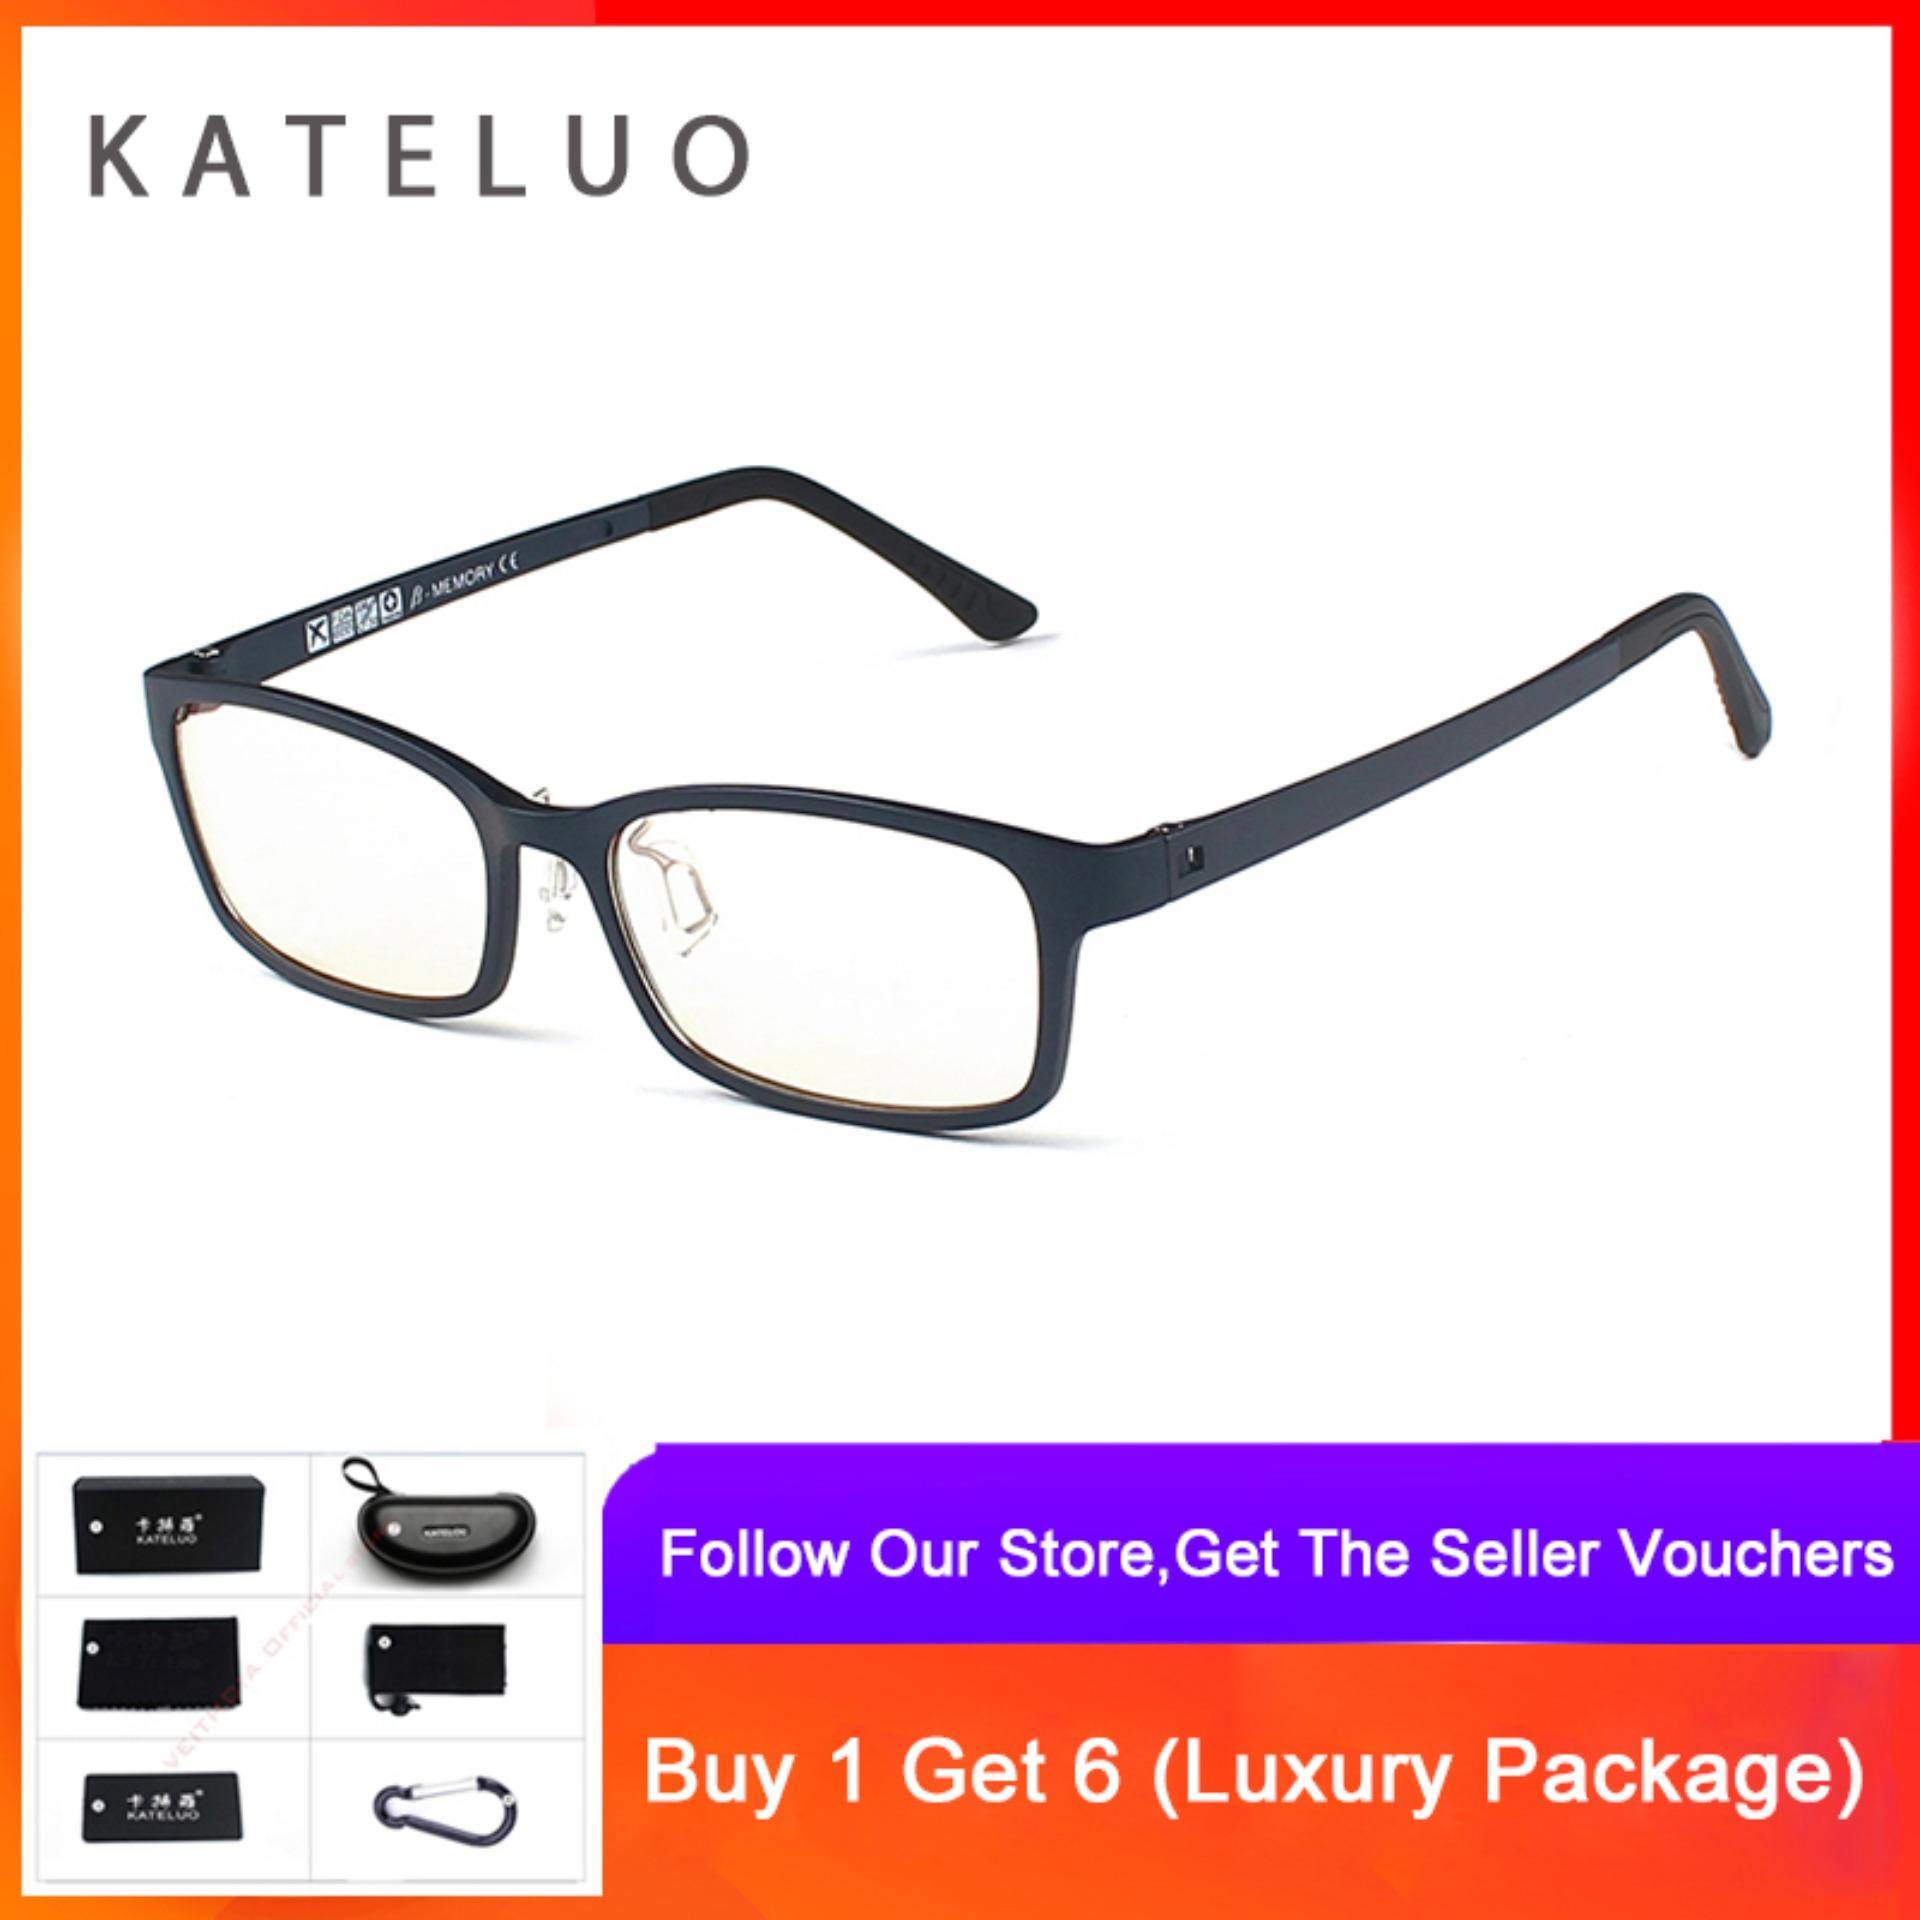 Cod+pengiriman Gratis Kateluo Tungsten Carbon Kacamata Baca Berbingkai Anti Laser Biru Lelah Tahan Radiasi K1310 By Veithdia Official Store.